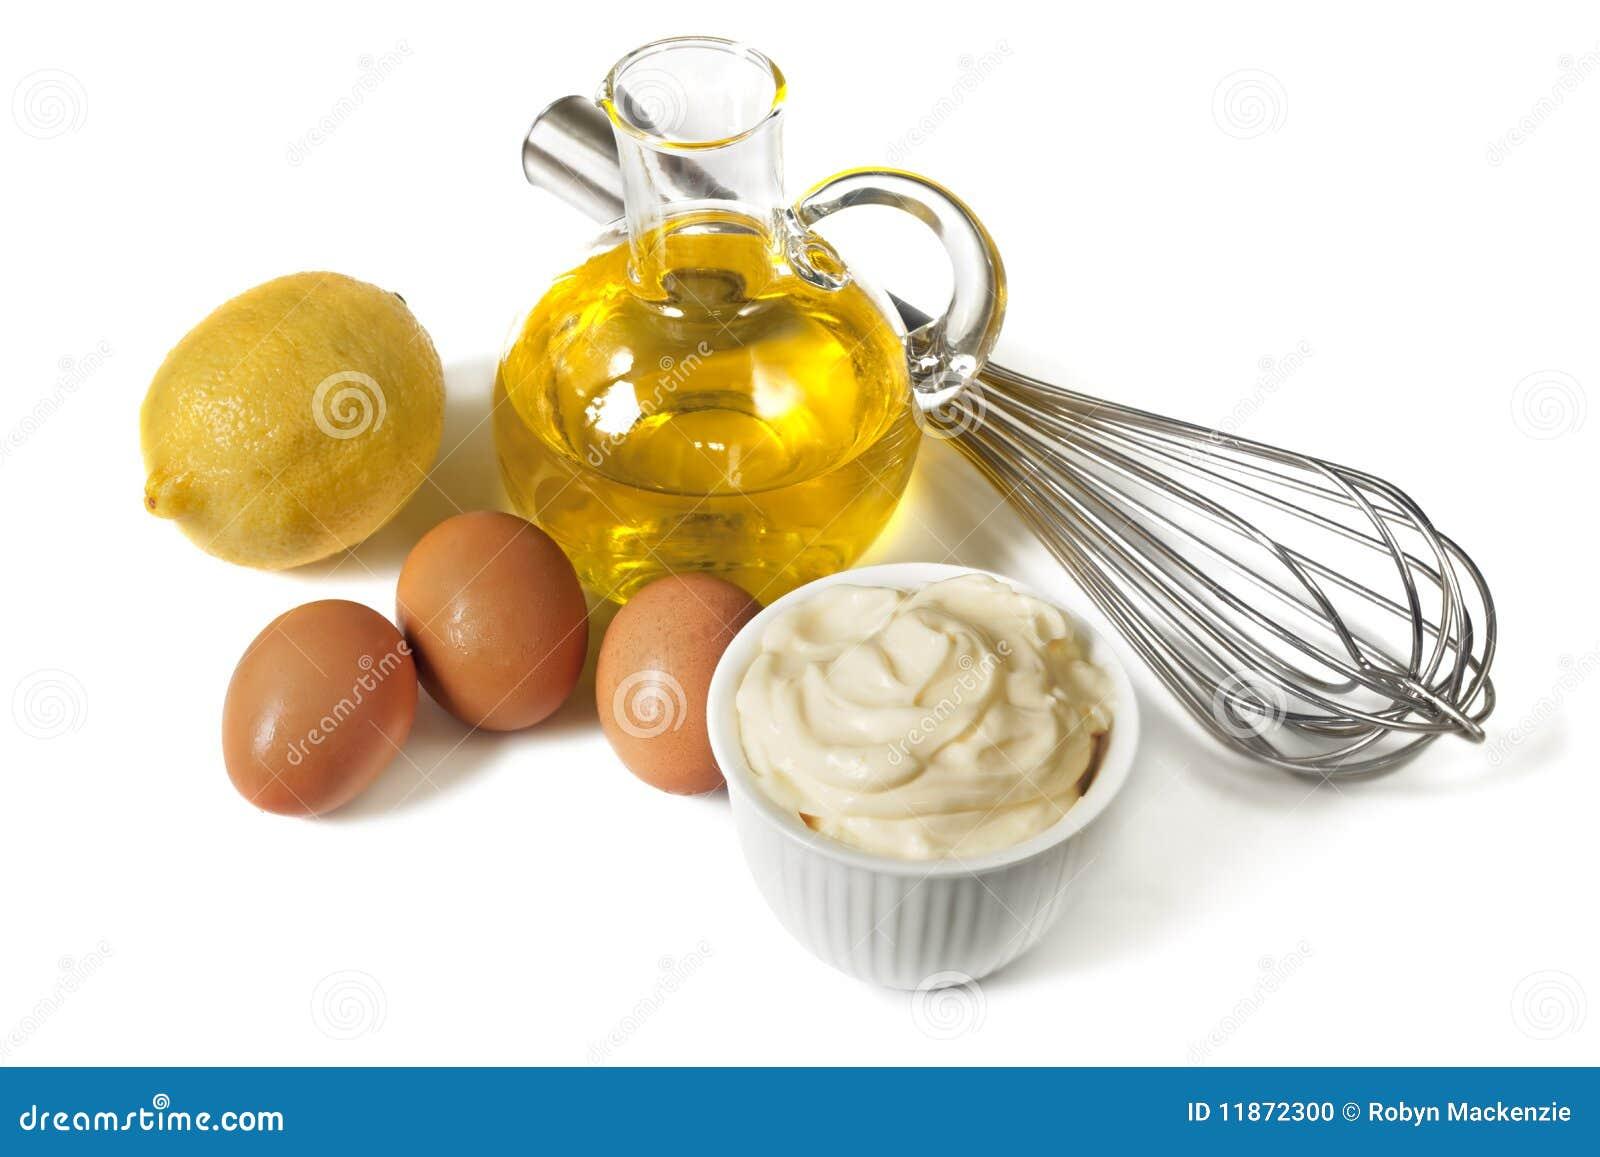 Ingredientes de la mayonesa foto de archivo imagen 11872300 for Cocinar huevos 7 days to die